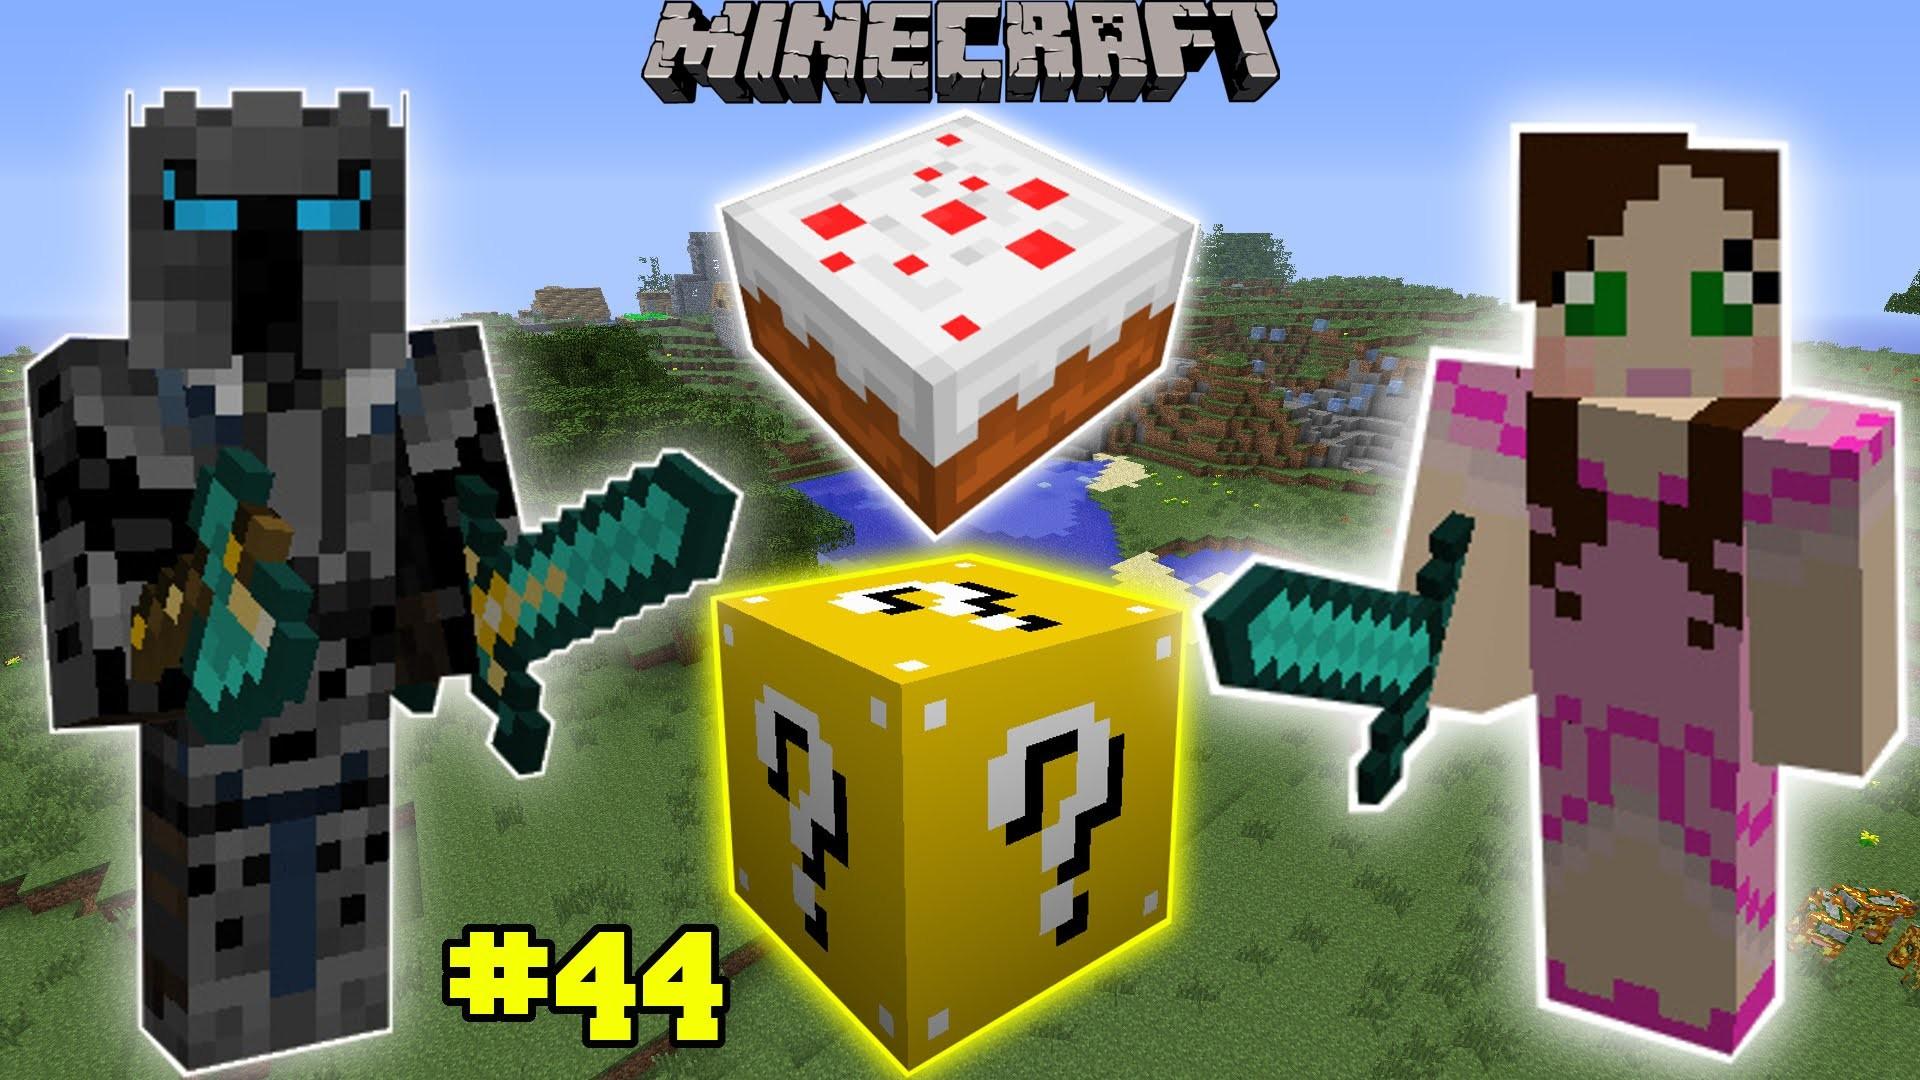 minecraft-party-challenge-eps6-4.jpg